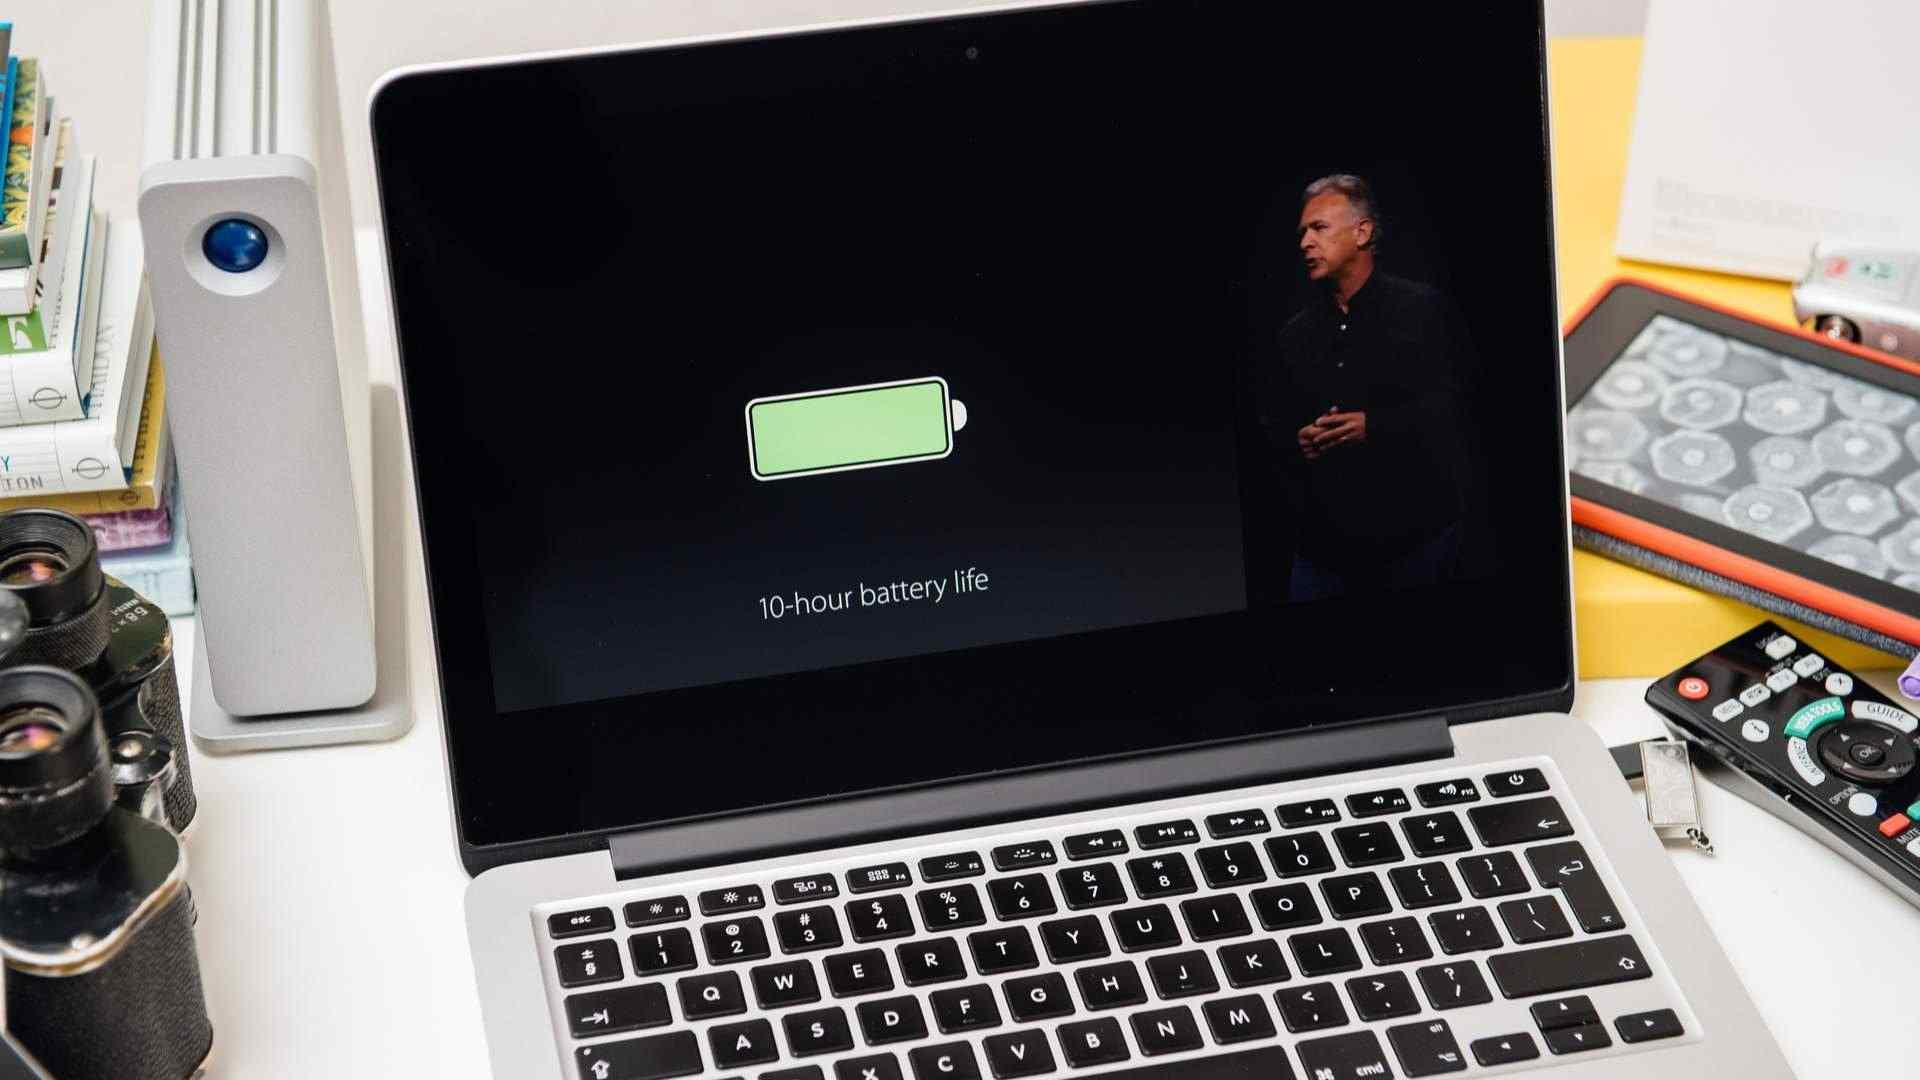 MacBook usado com tela mostrando transmissão ao vivo da Apple onde é mostrado que o notebook tem 10 horas de vida de bateria